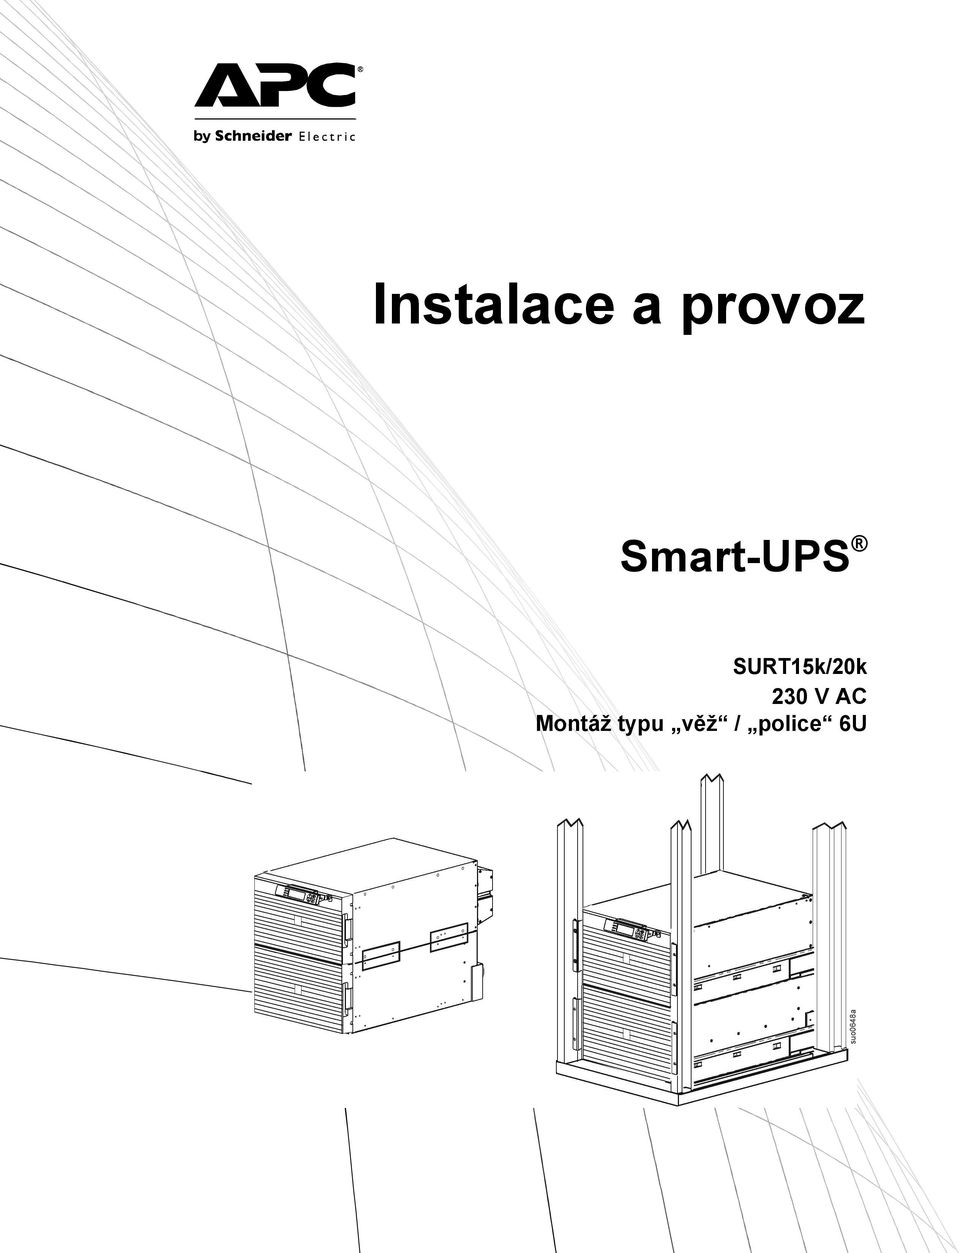 Instalace a provoz. Smart-UPS. SURT15k/20k 230 V AC Montáž